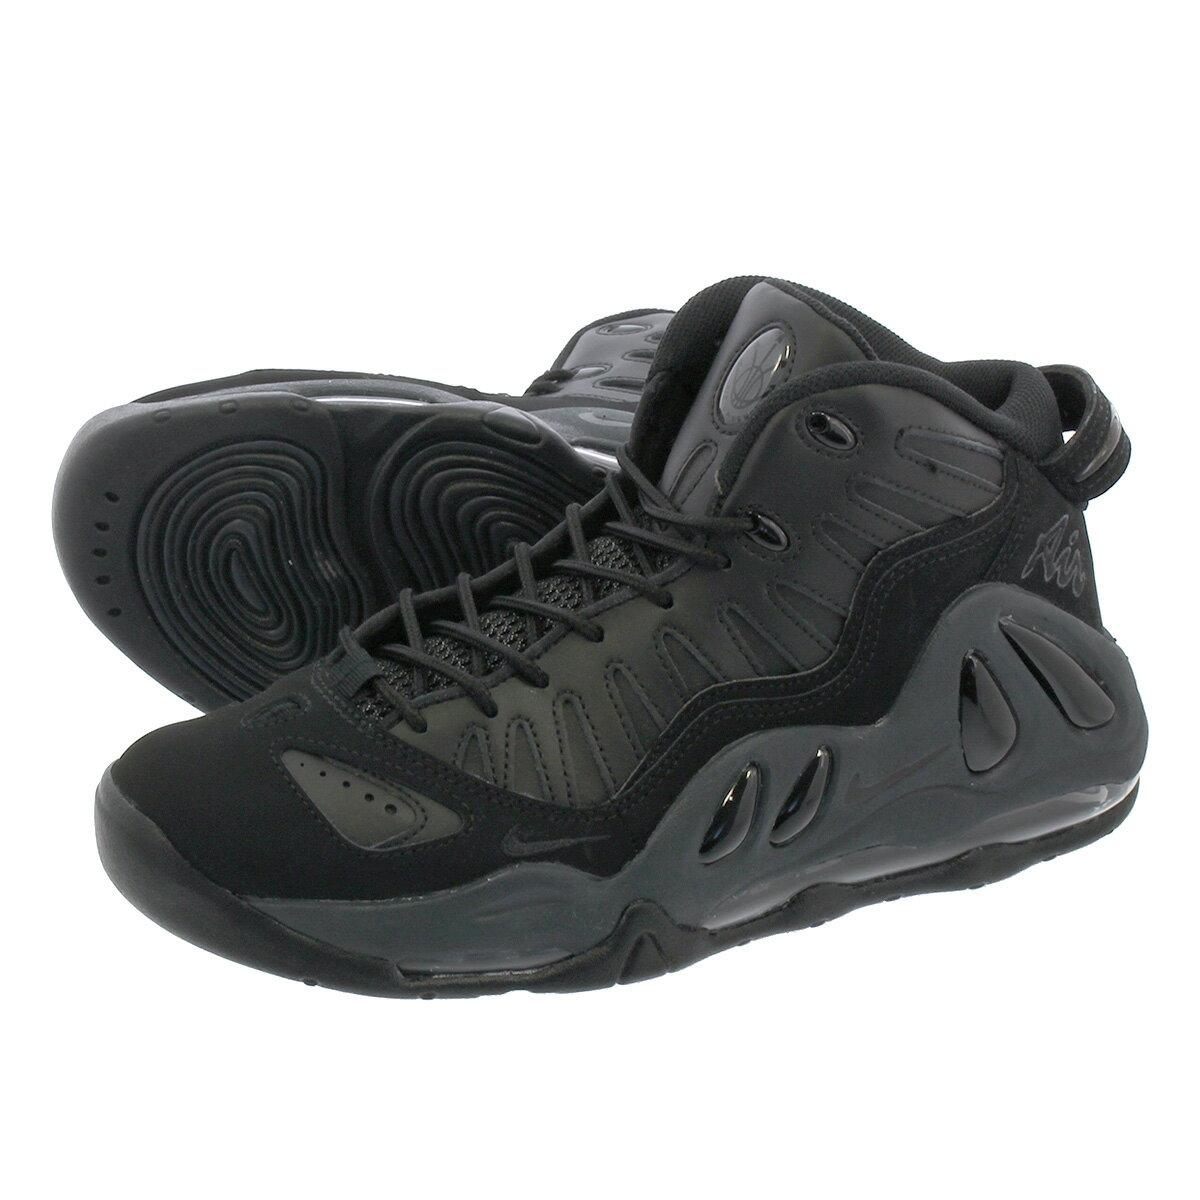 メンズ靴, スニーカー NIKE AIR MAX UPTEMPO 97 97 BLACKBLACKANTHRAICTEBLACK 399207-005